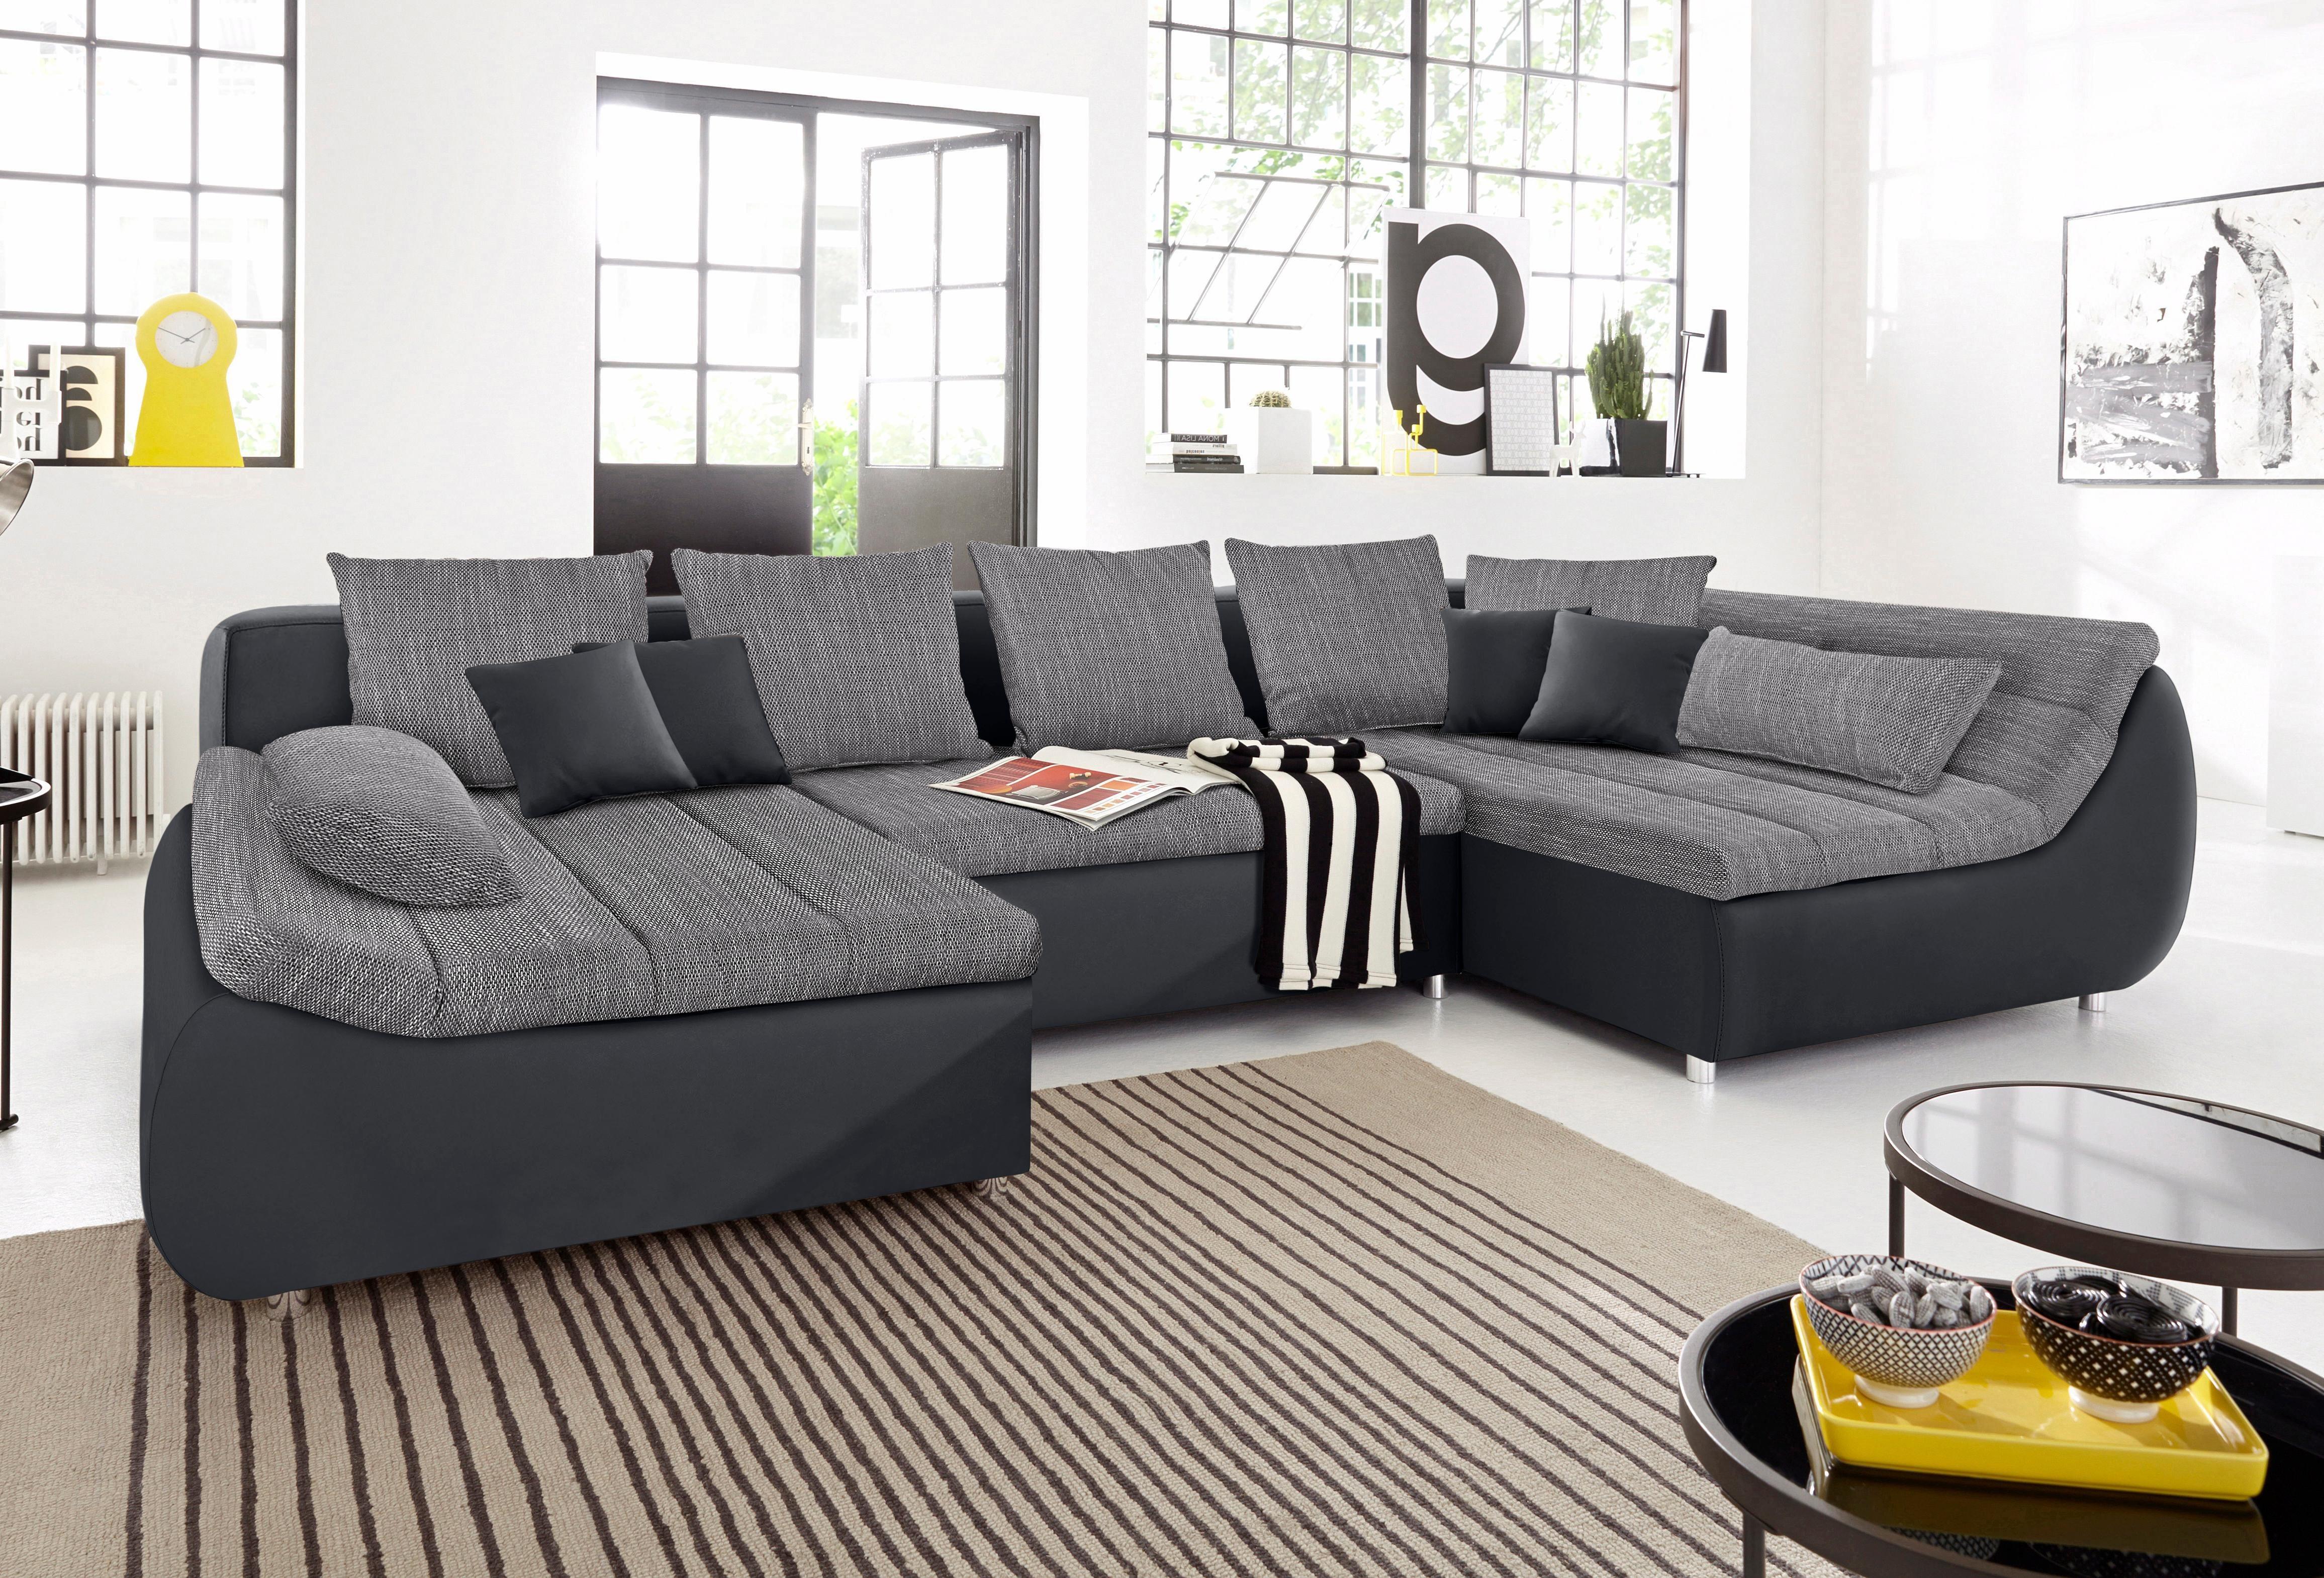 benformato wohnlandschaften online kaufen m bel suchmaschine. Black Bedroom Furniture Sets. Home Design Ideas